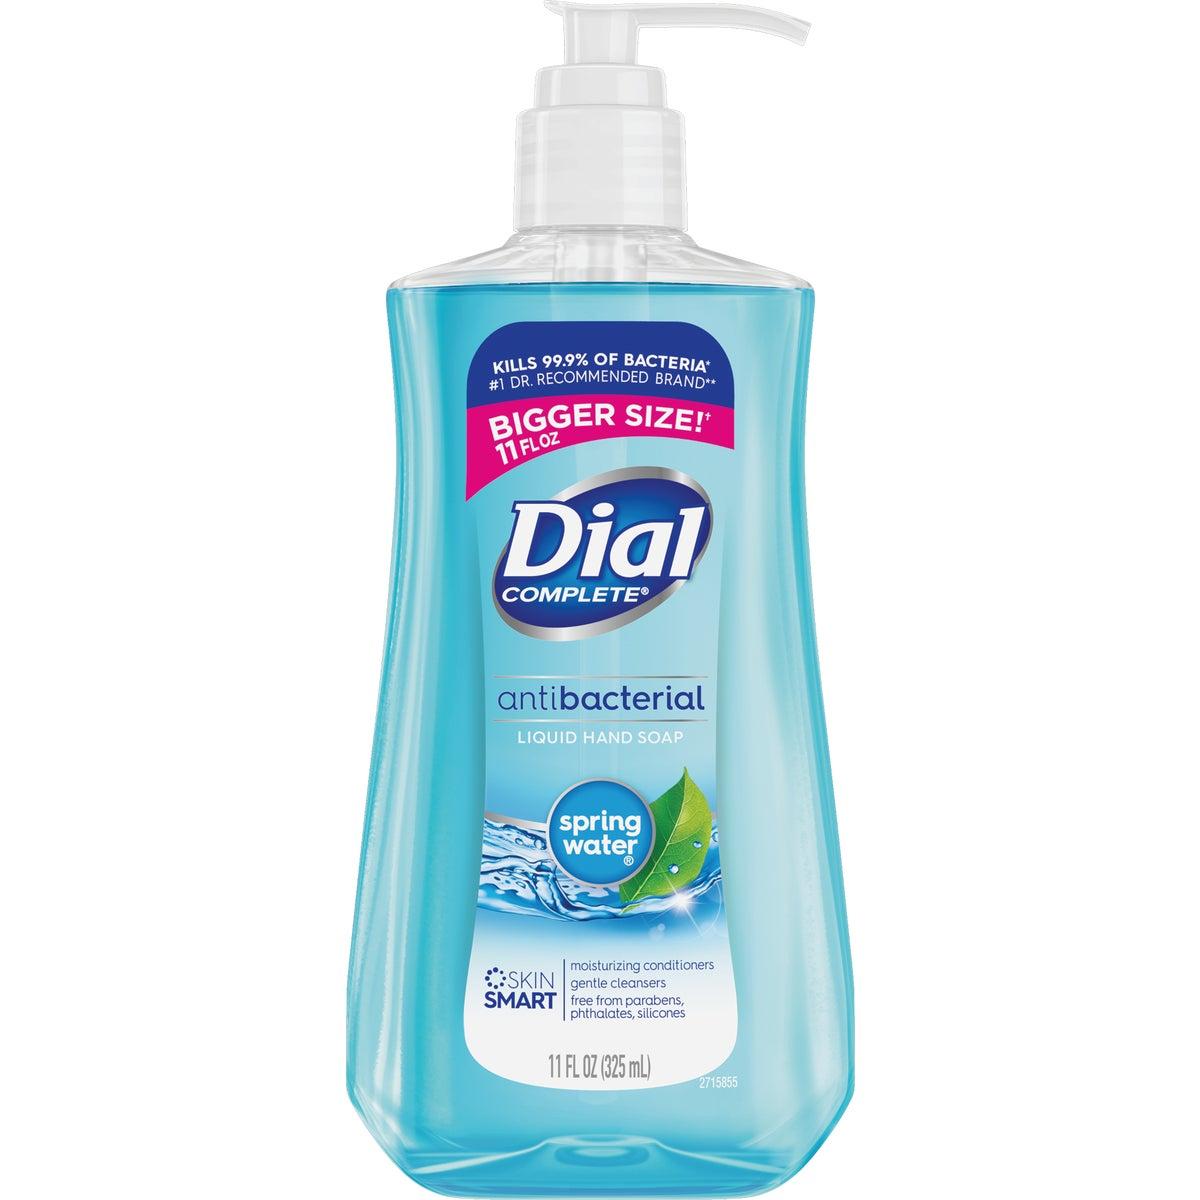 SPR WTR LIQUID HAND SOAP